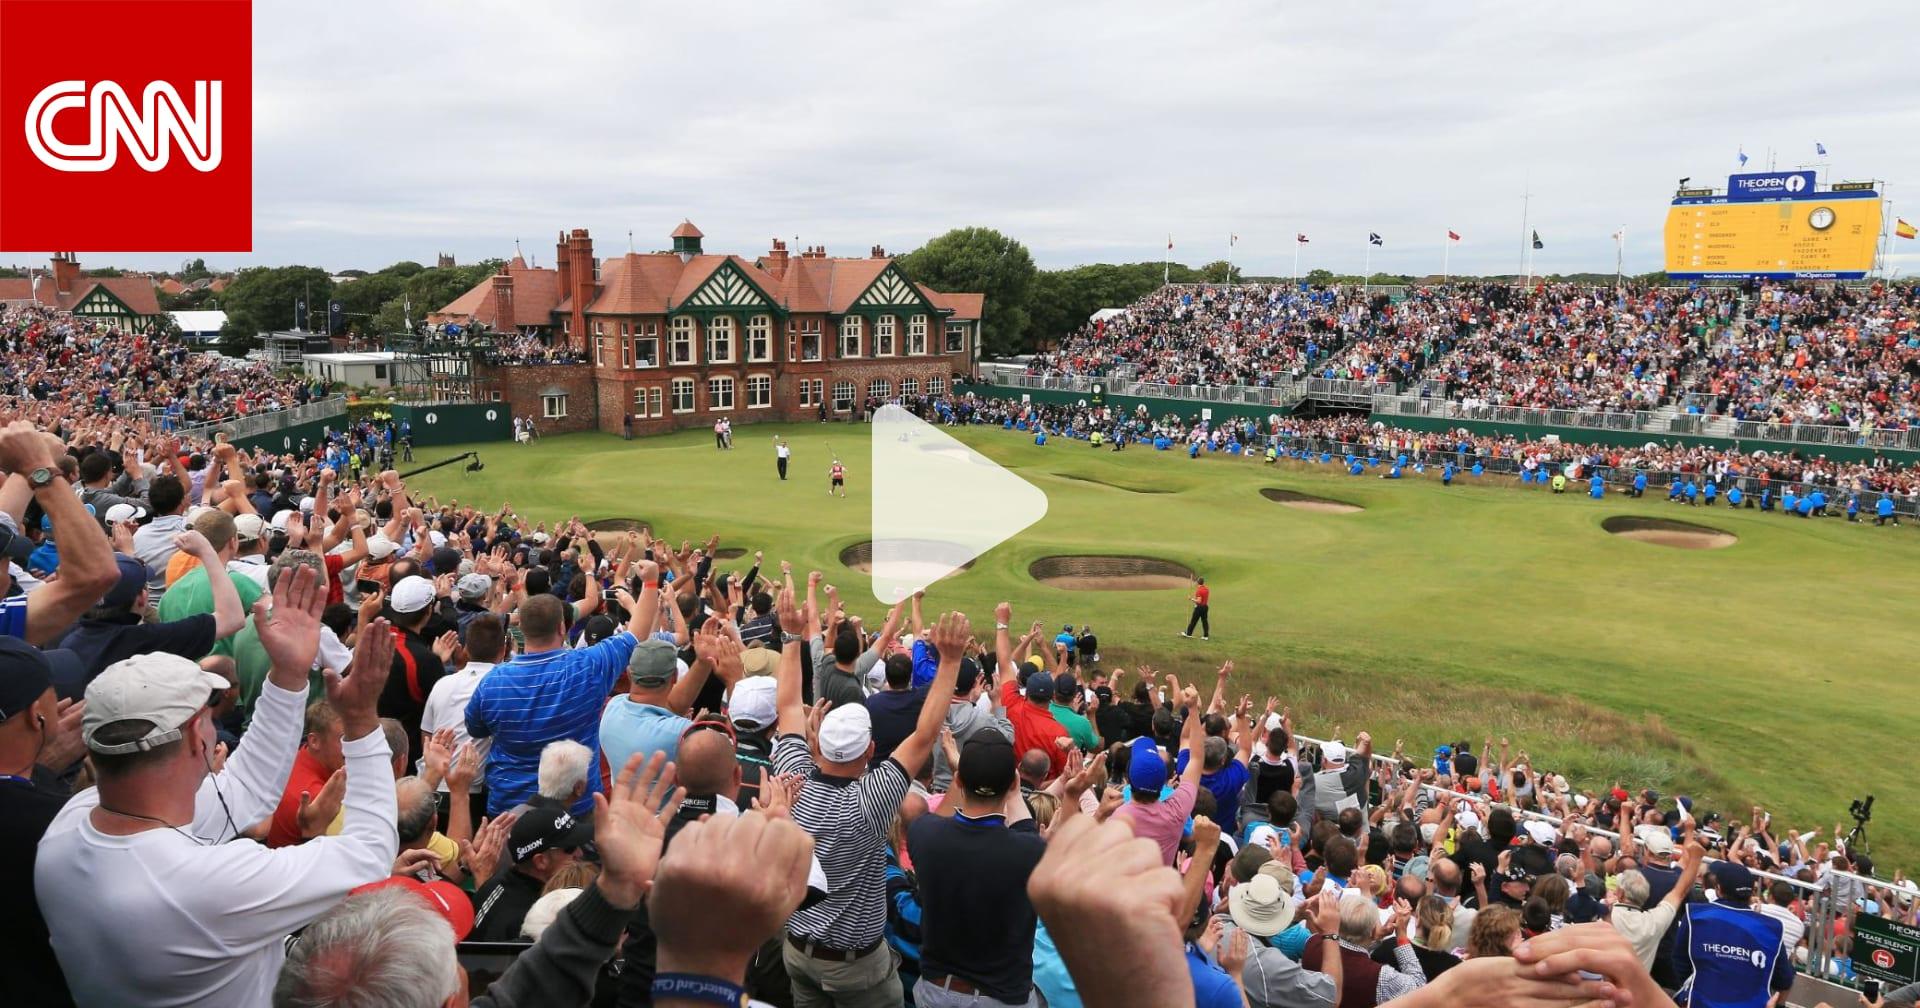 """اختبار حقيقي للاعب الغولف.. ملعب """"رويال ليثام وسانت أنز"""" التاريخي في إنجلترا"""